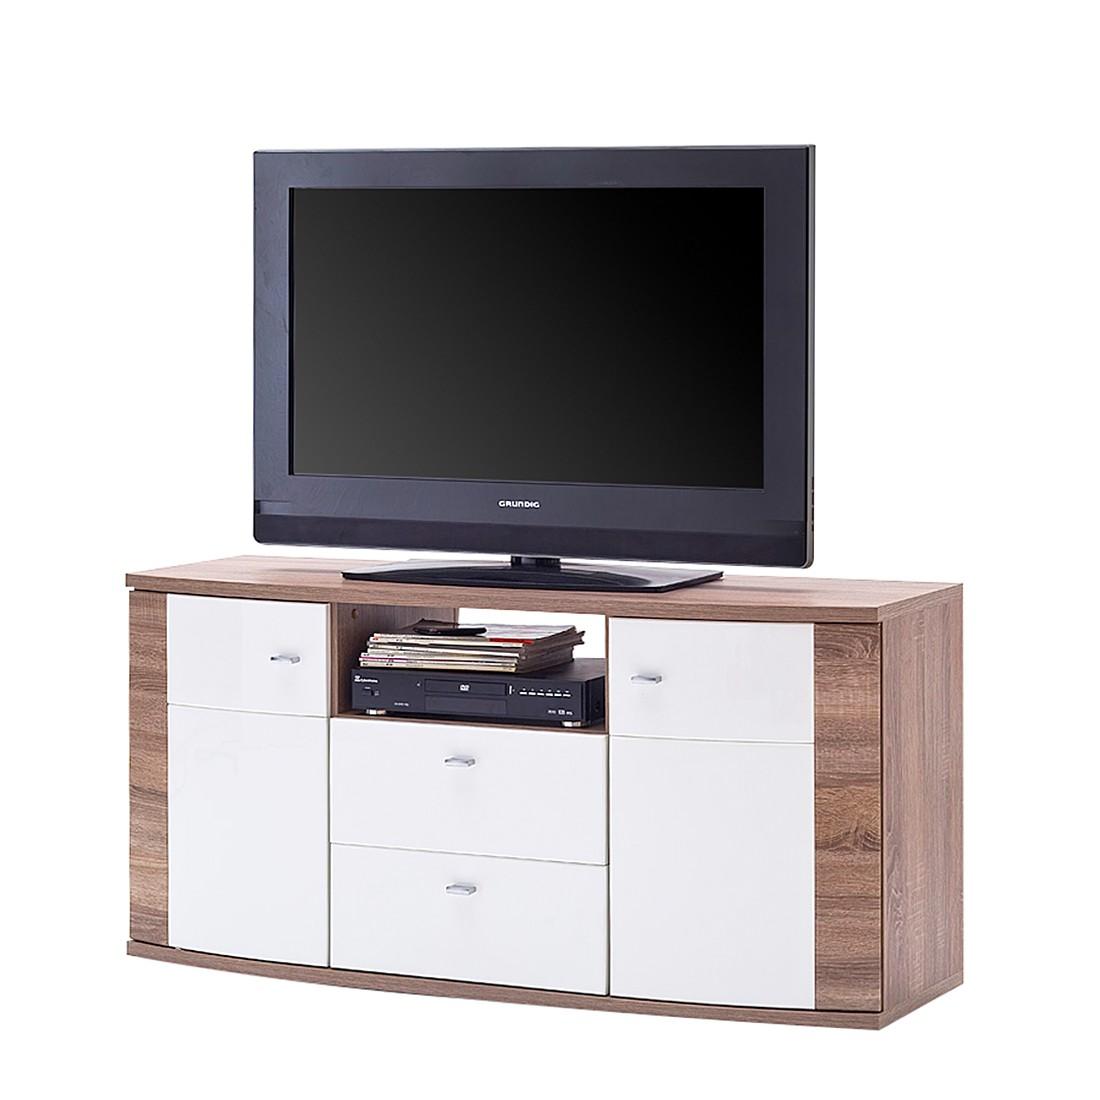 TV- & Mediaschrank von Modoform bei Home24 bestellen | home24